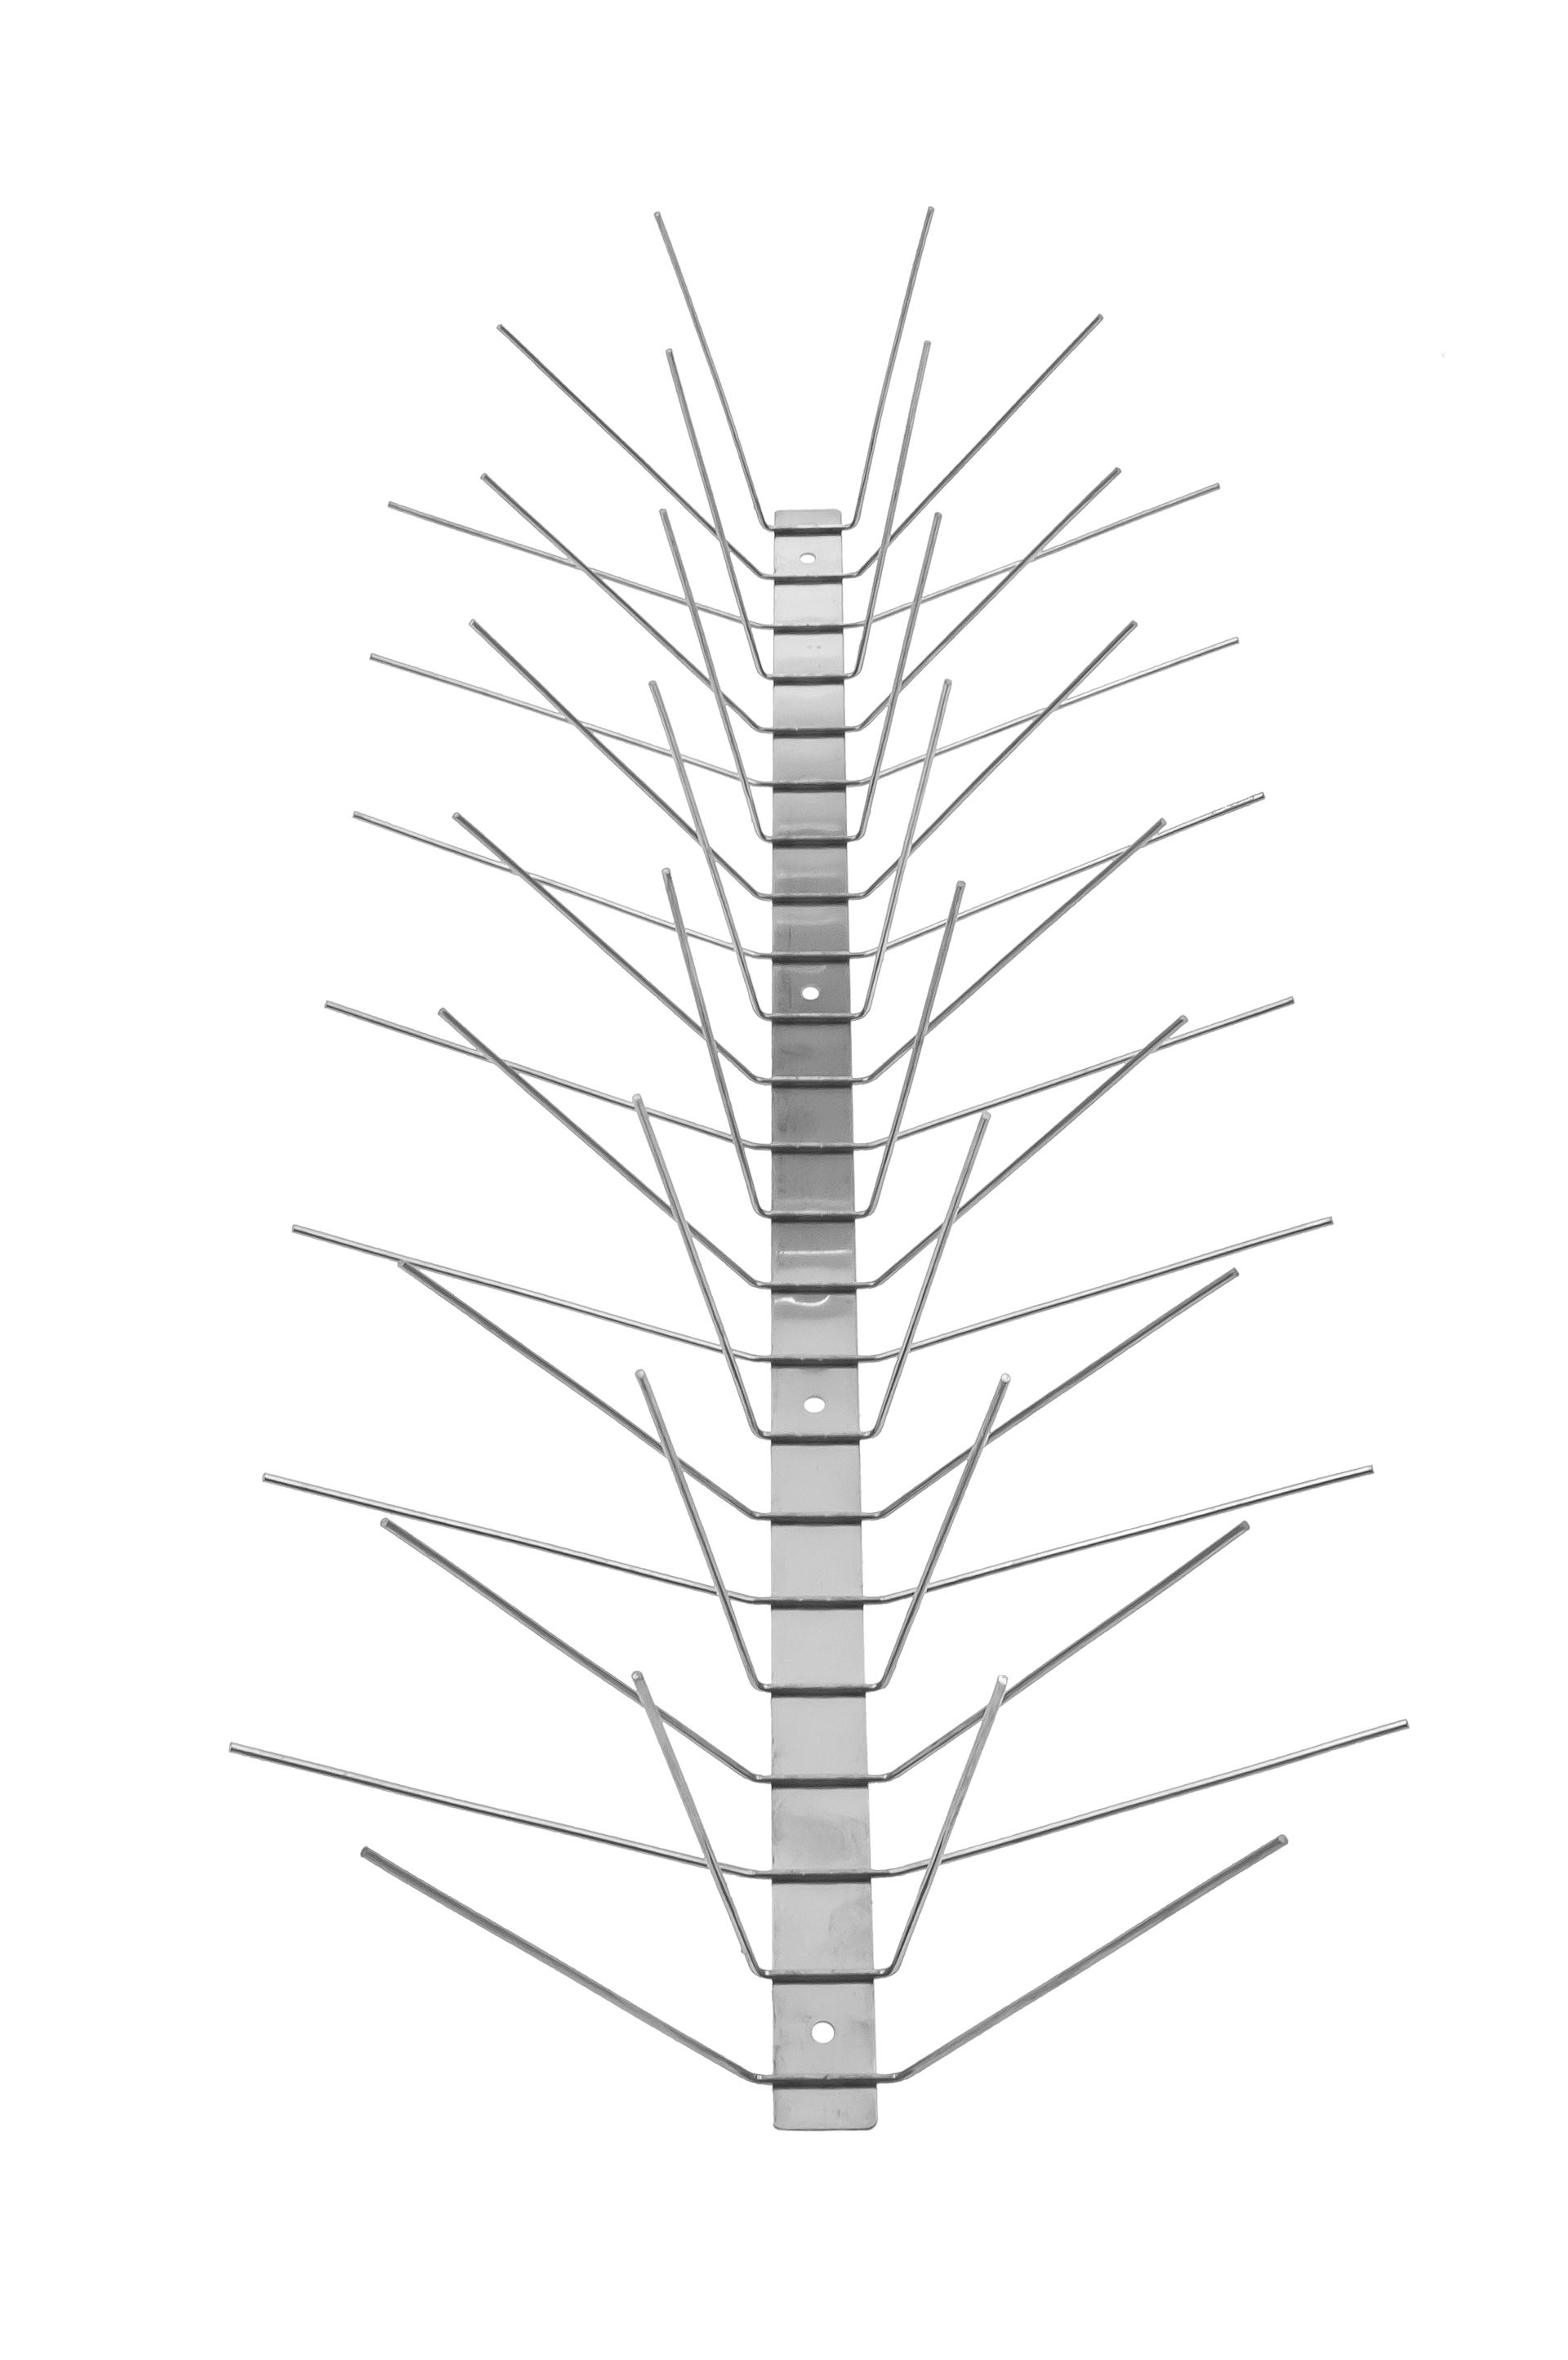 TAS 6er Taubenabwehrspitzen 50 cm lang, Taubenspitzen 2.0 mm aus Edelstahl Rostfrei